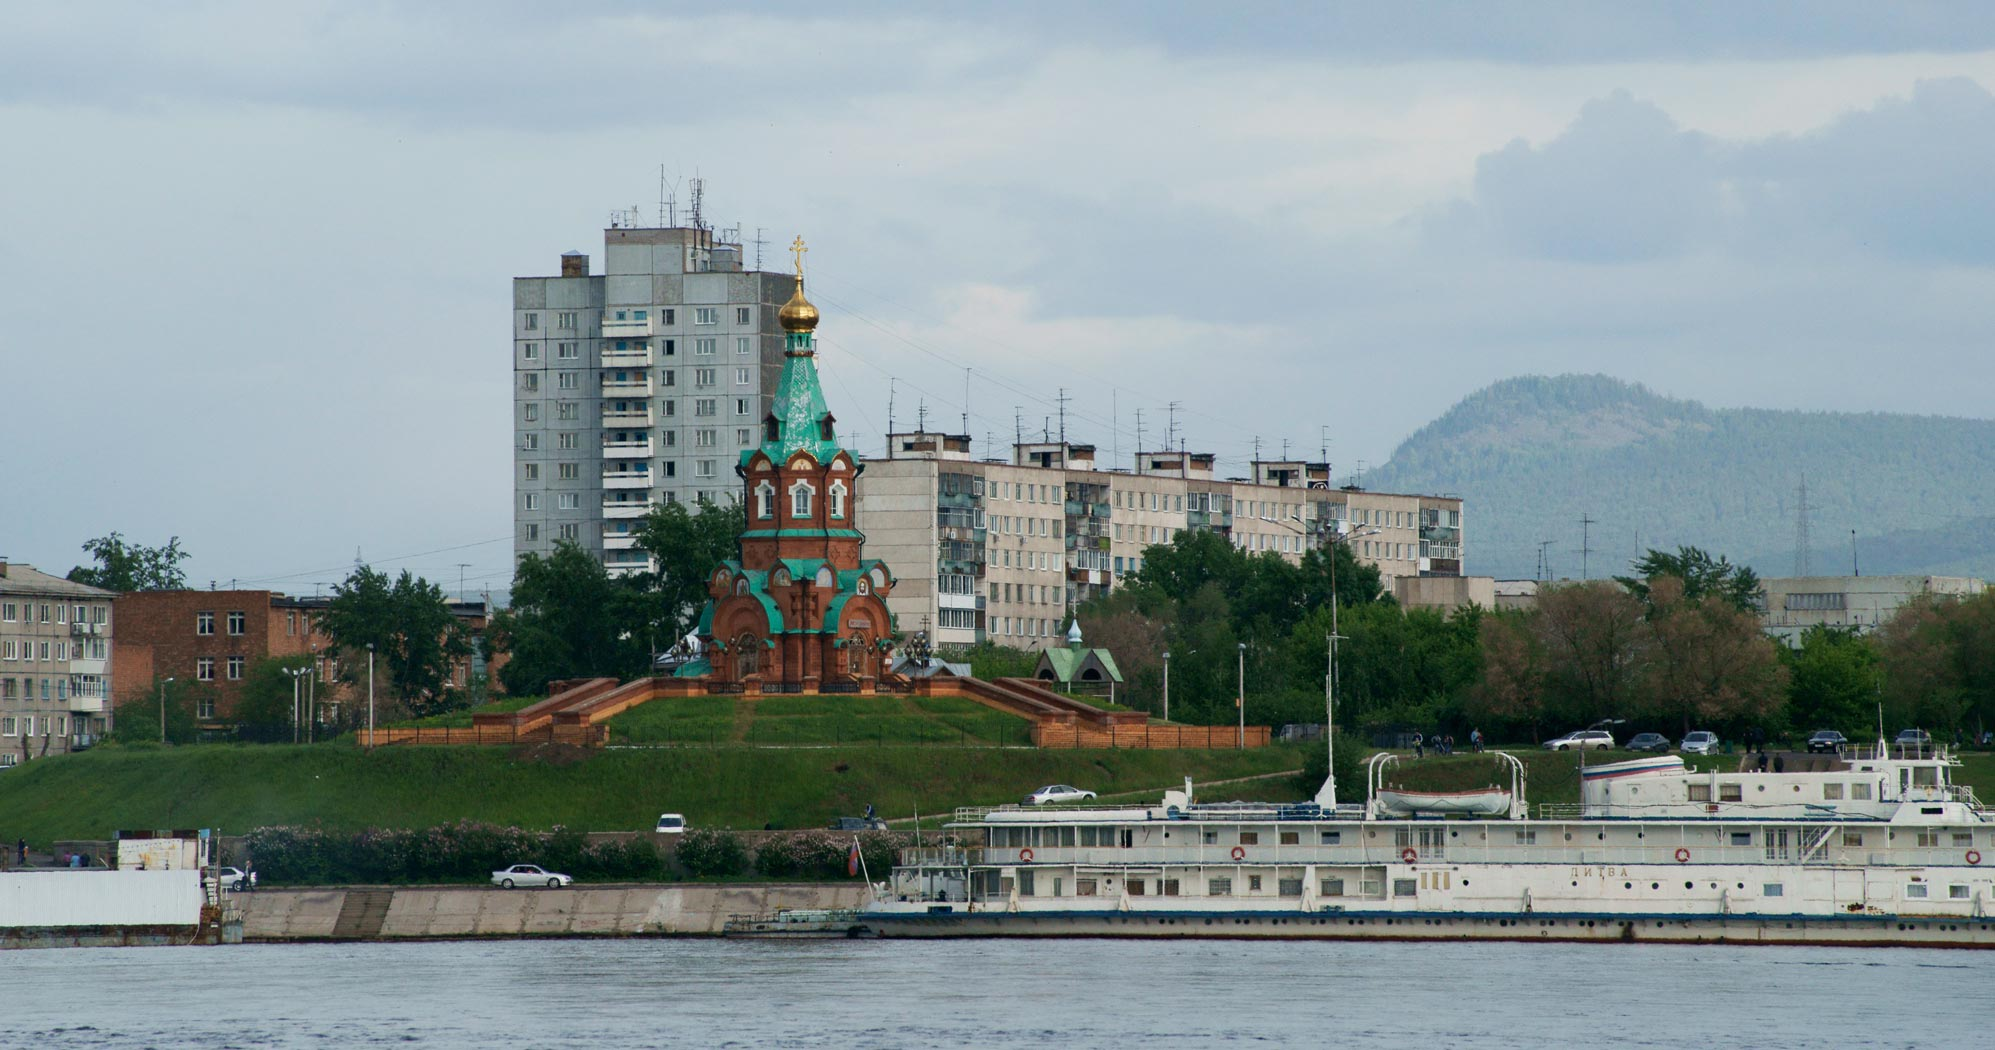 ВКрасноярске установят монумент ветеранам военно-морского флота